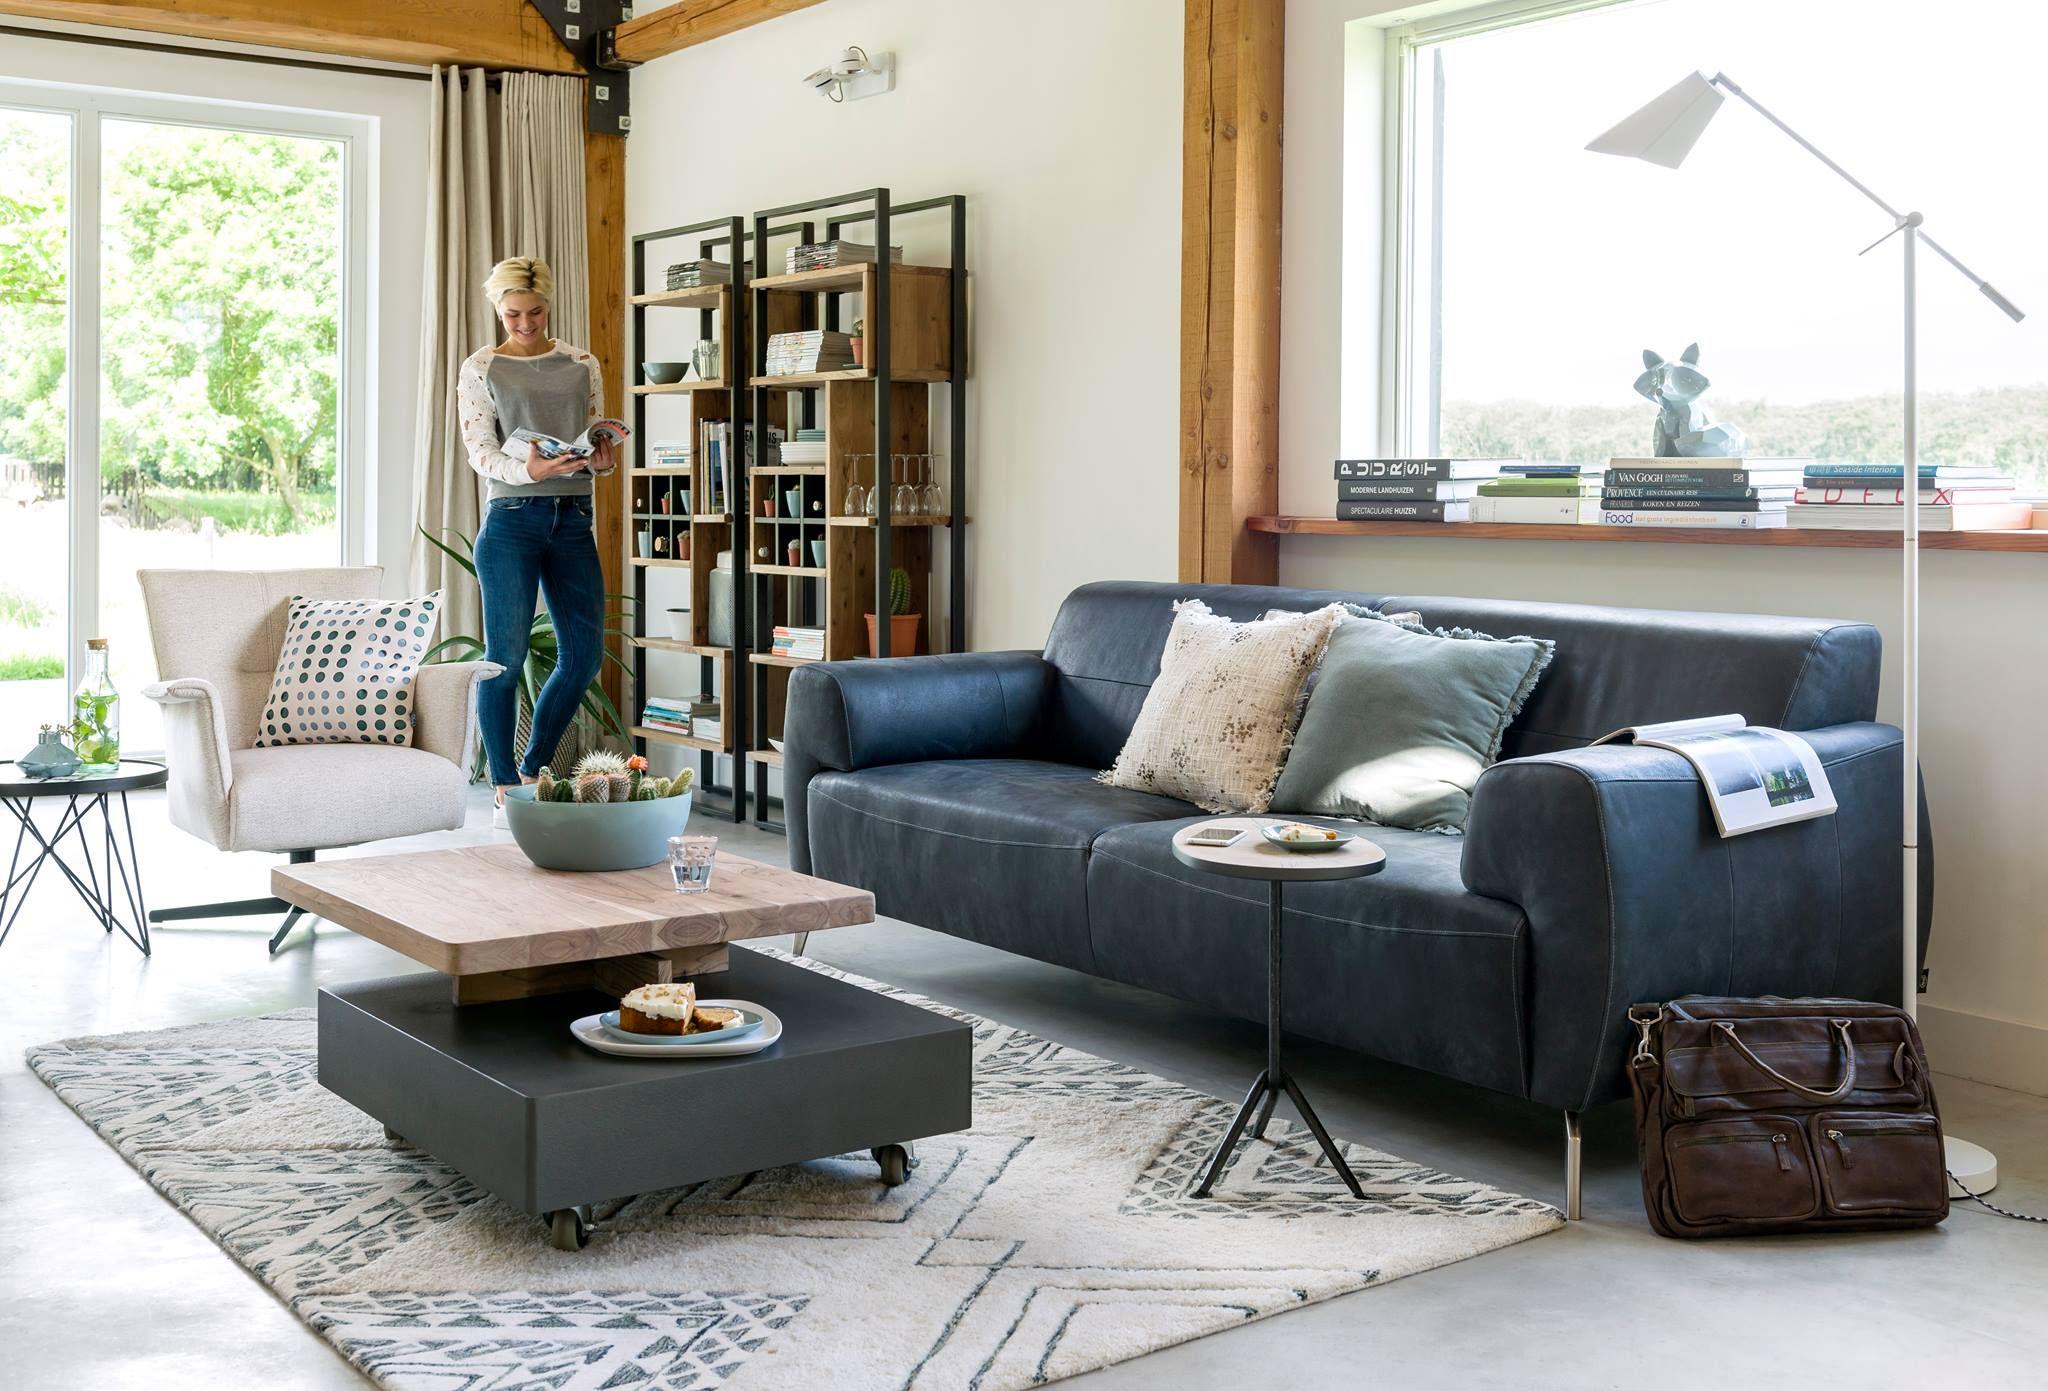 Meubles Henders Et Hazel henders & hazel vous séduira avec des meubles contemporains